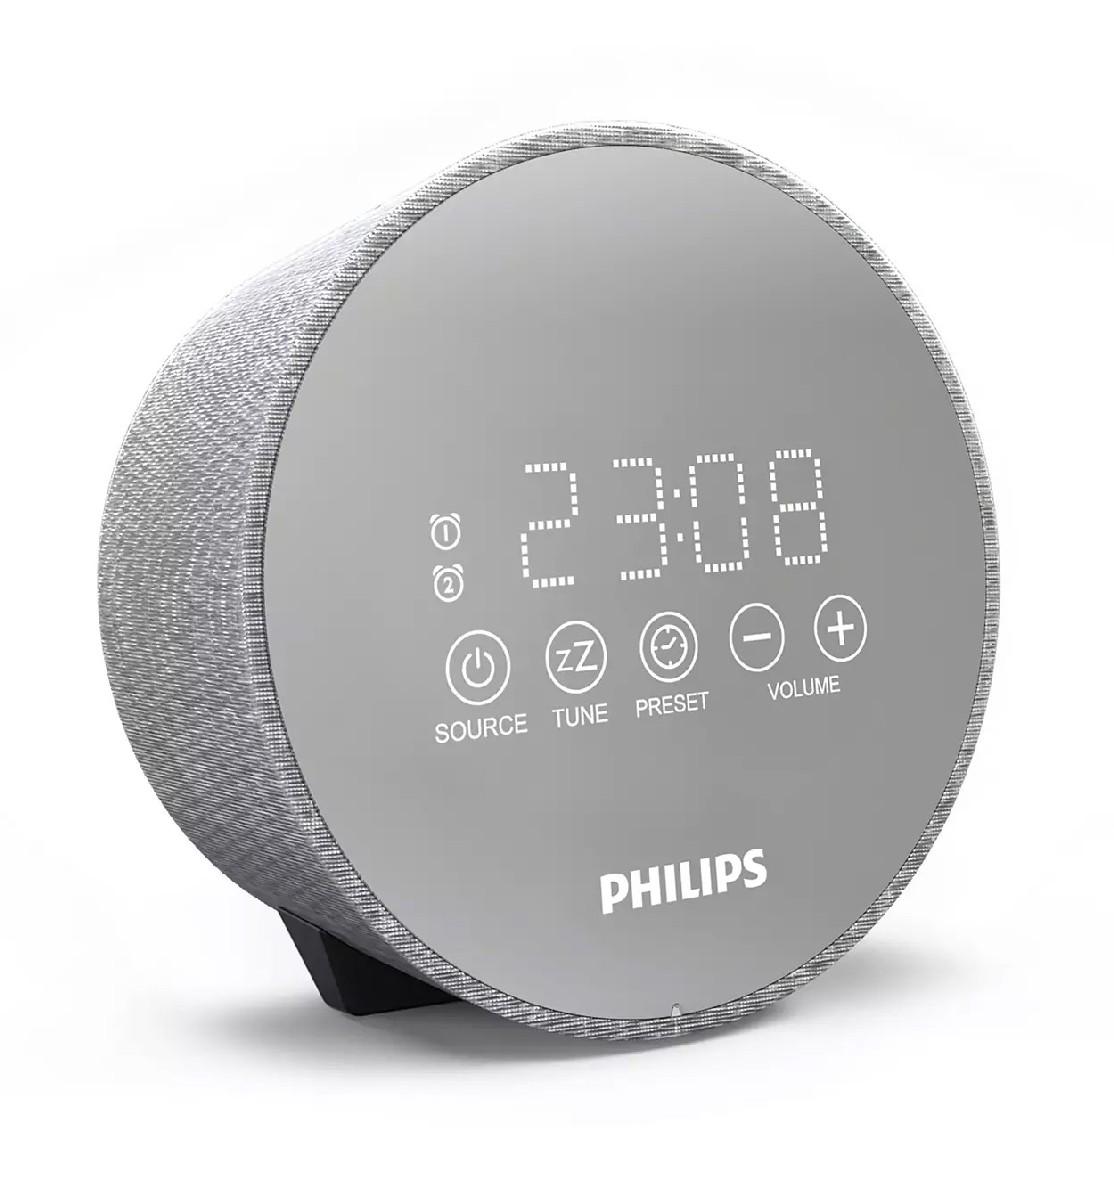 Ραδιορολόι Philips TADR402/12 με Χρονοδιακόπτη Θύρα USB και Νυχτερινό Φως